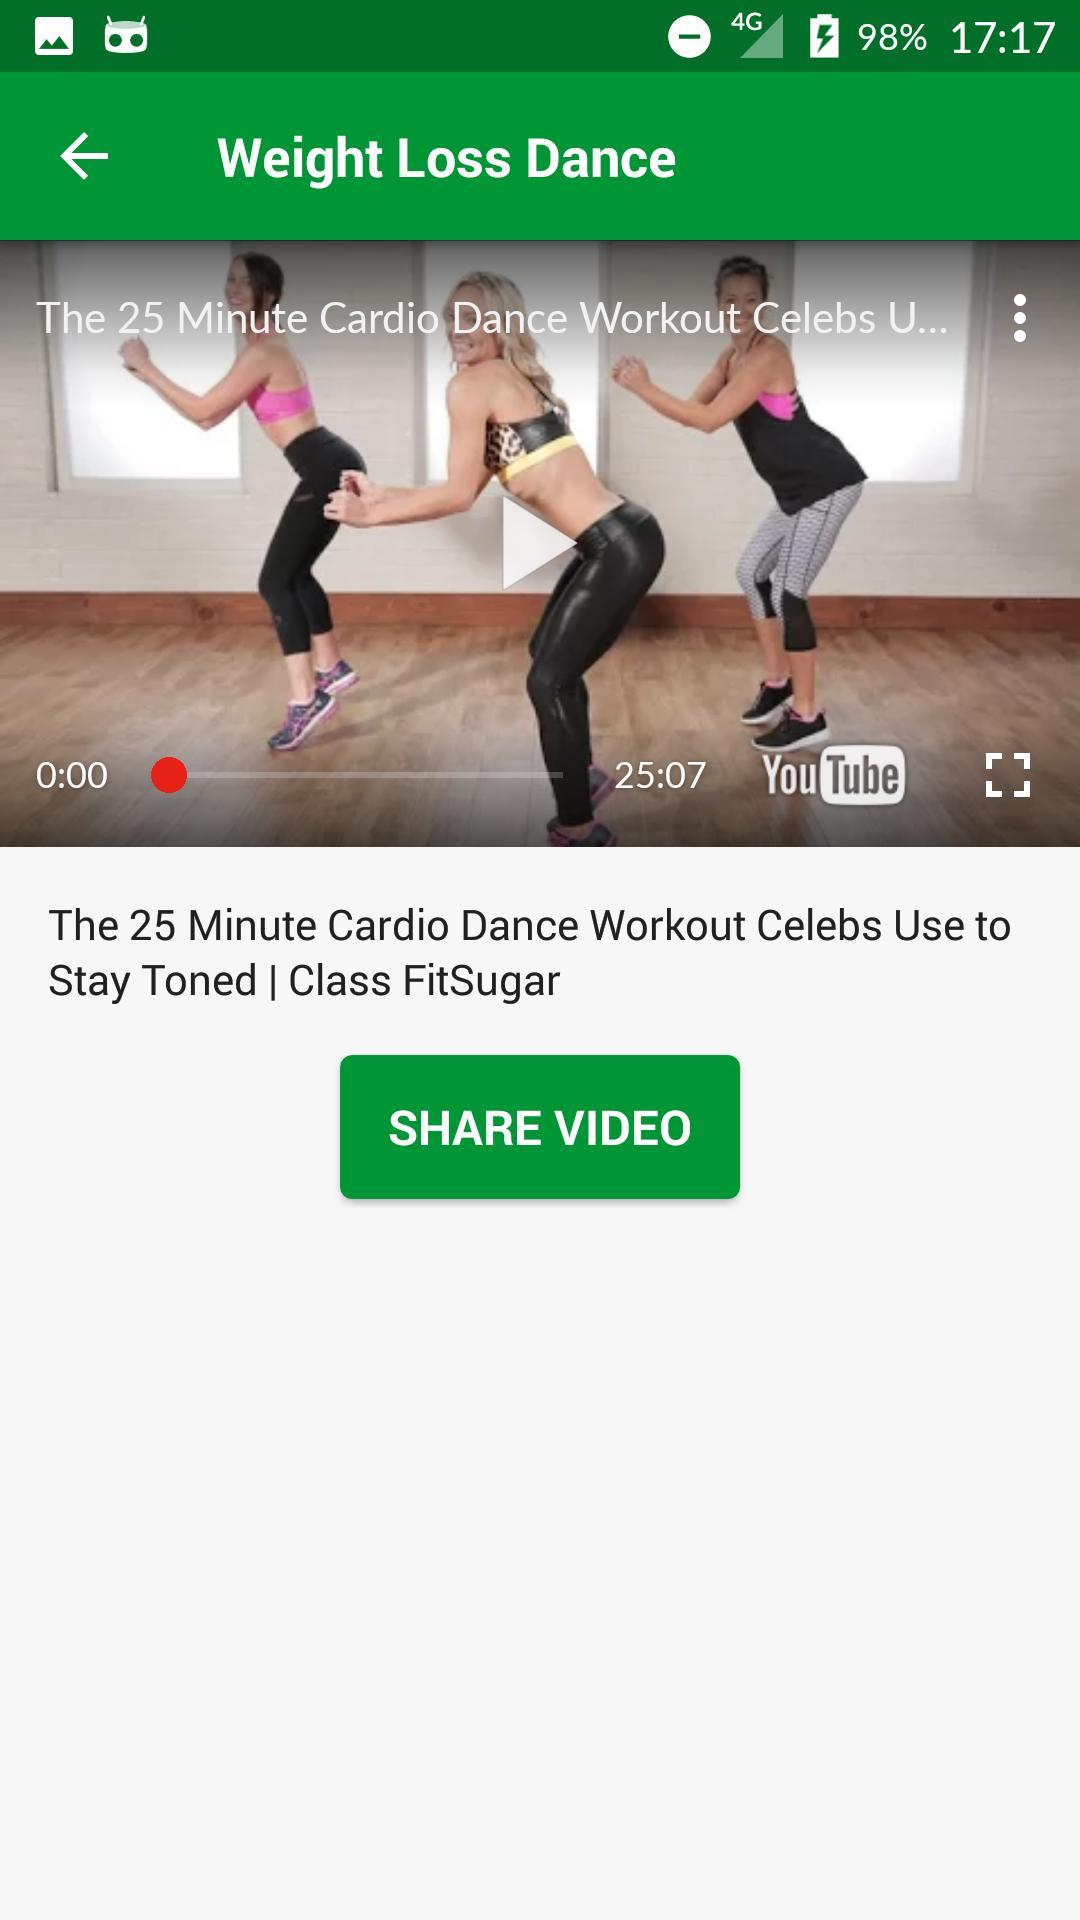 Gewichtsverlust Aerobic Youtube Video